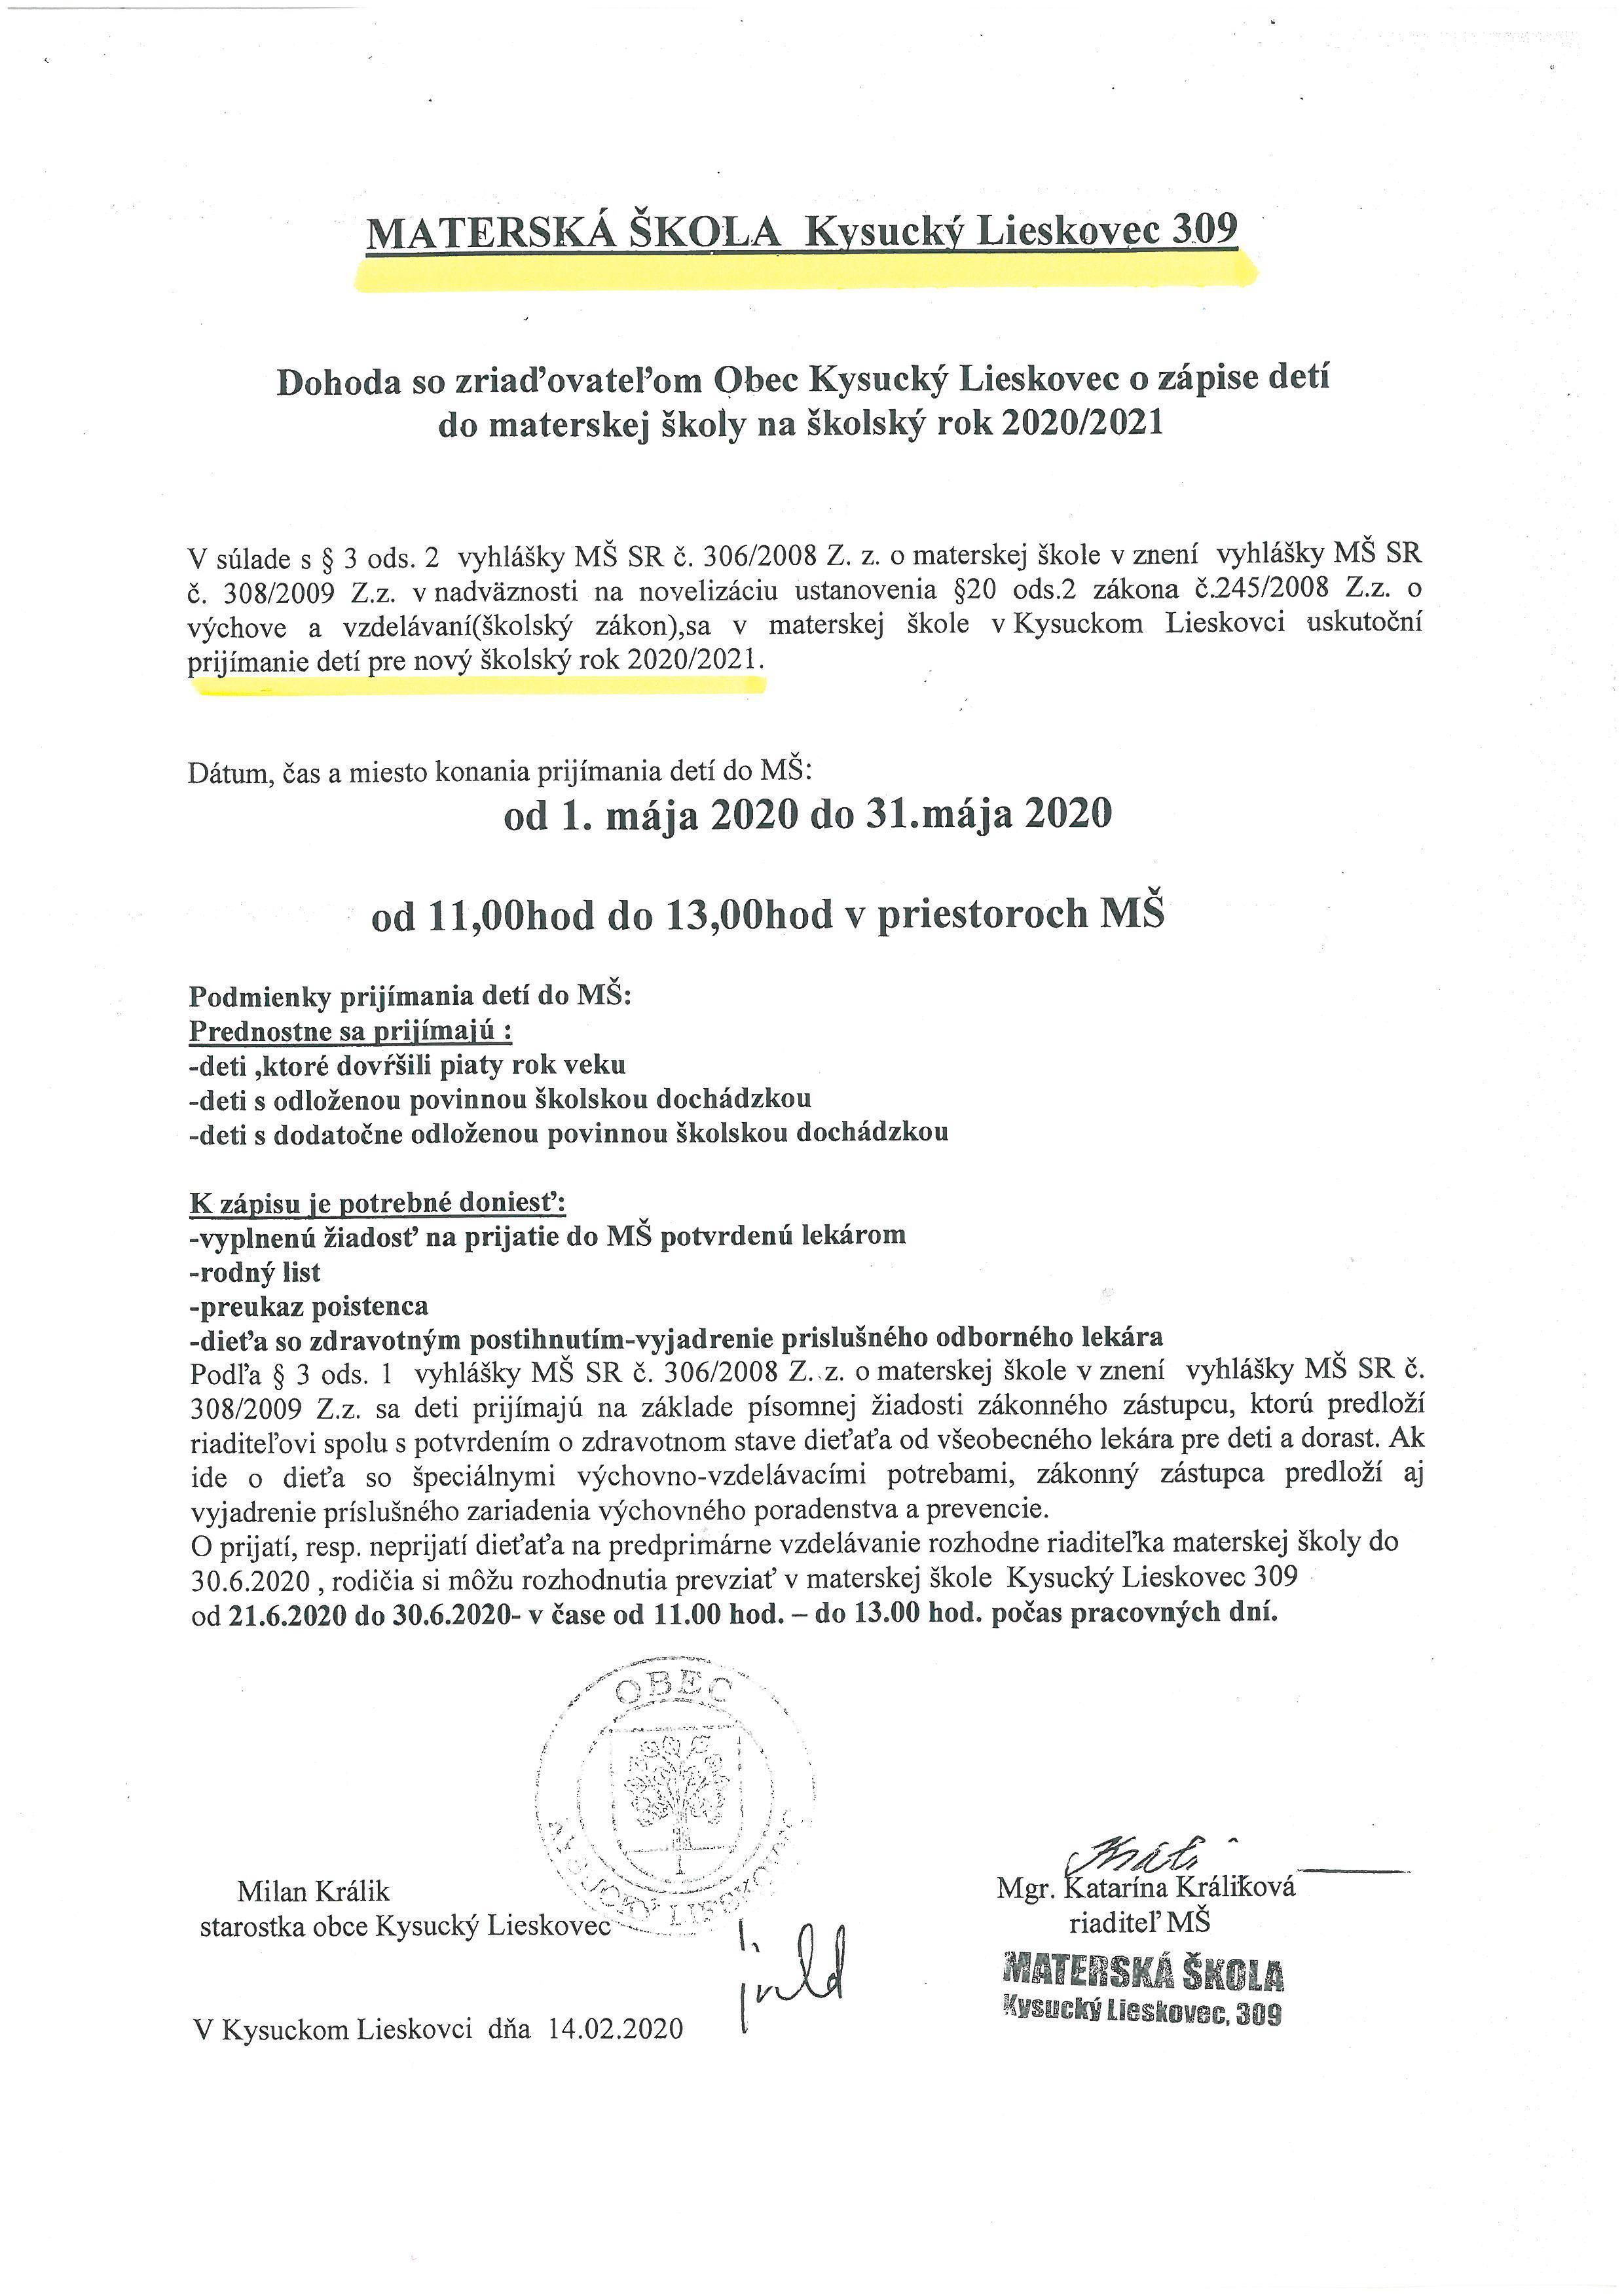 Materská_škola_-_prijímanie_detí_pre_nový_školský_rok.jpg